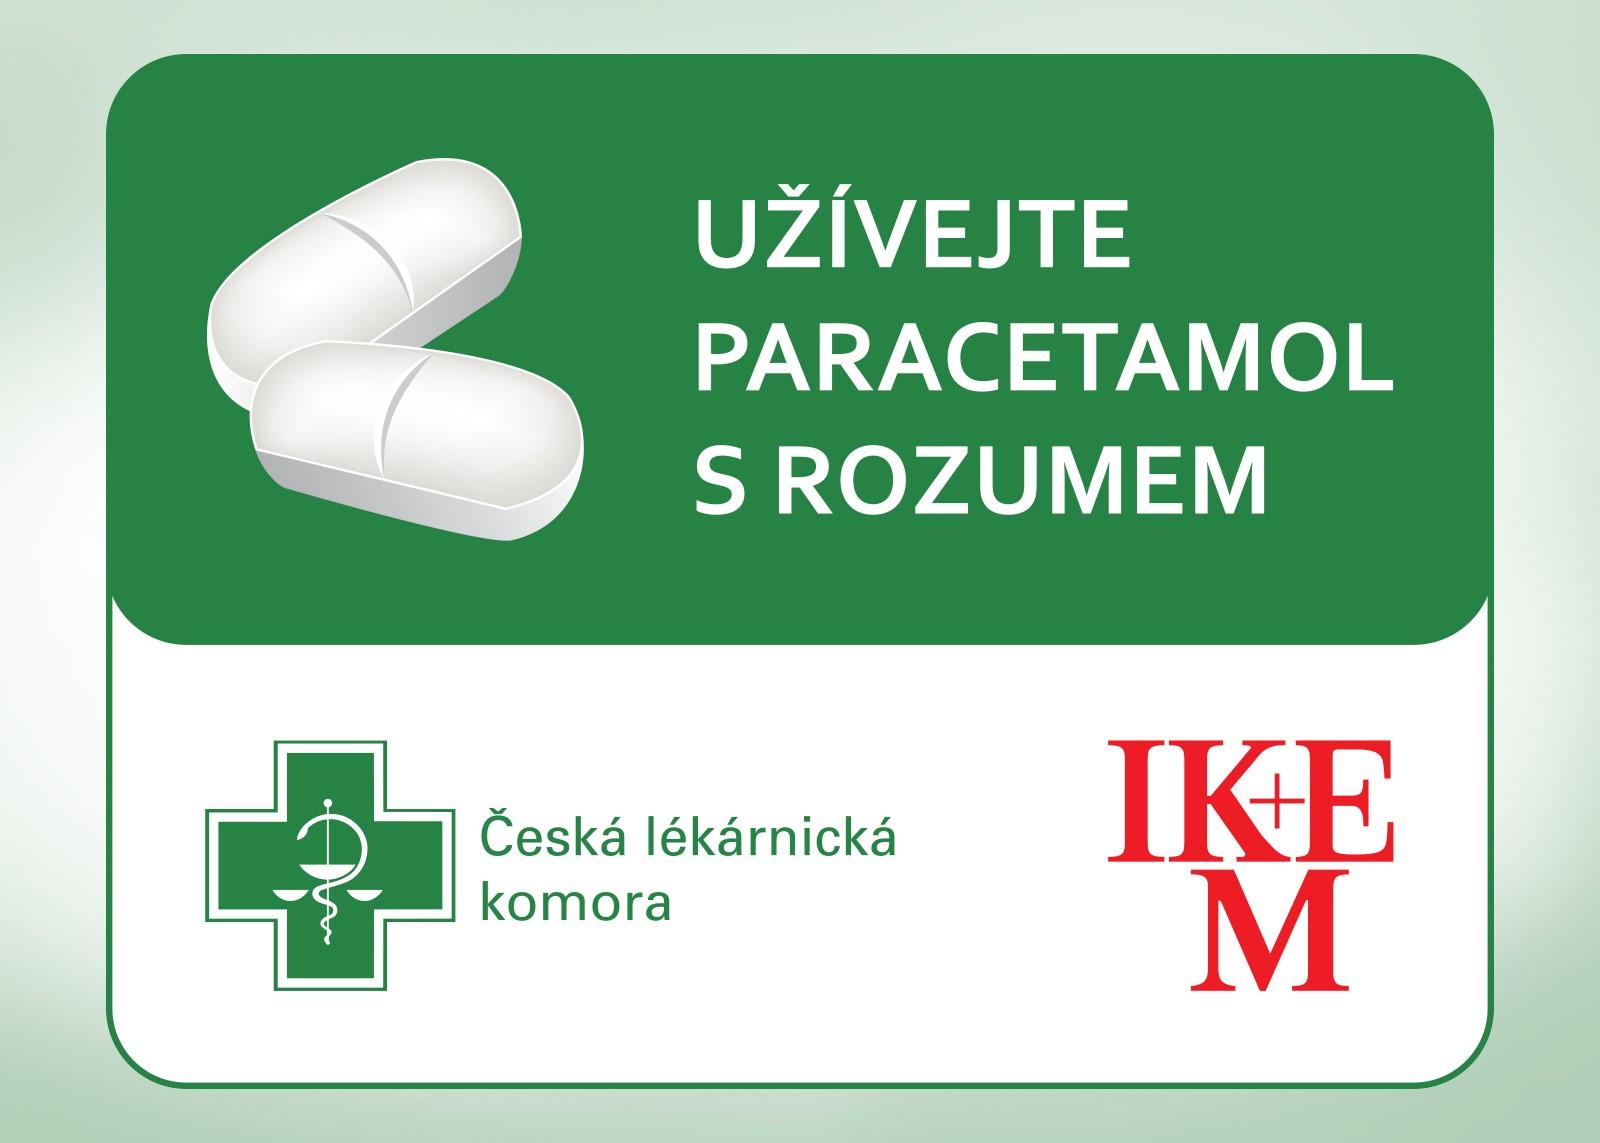 Užívejte paracetamol s rozumem